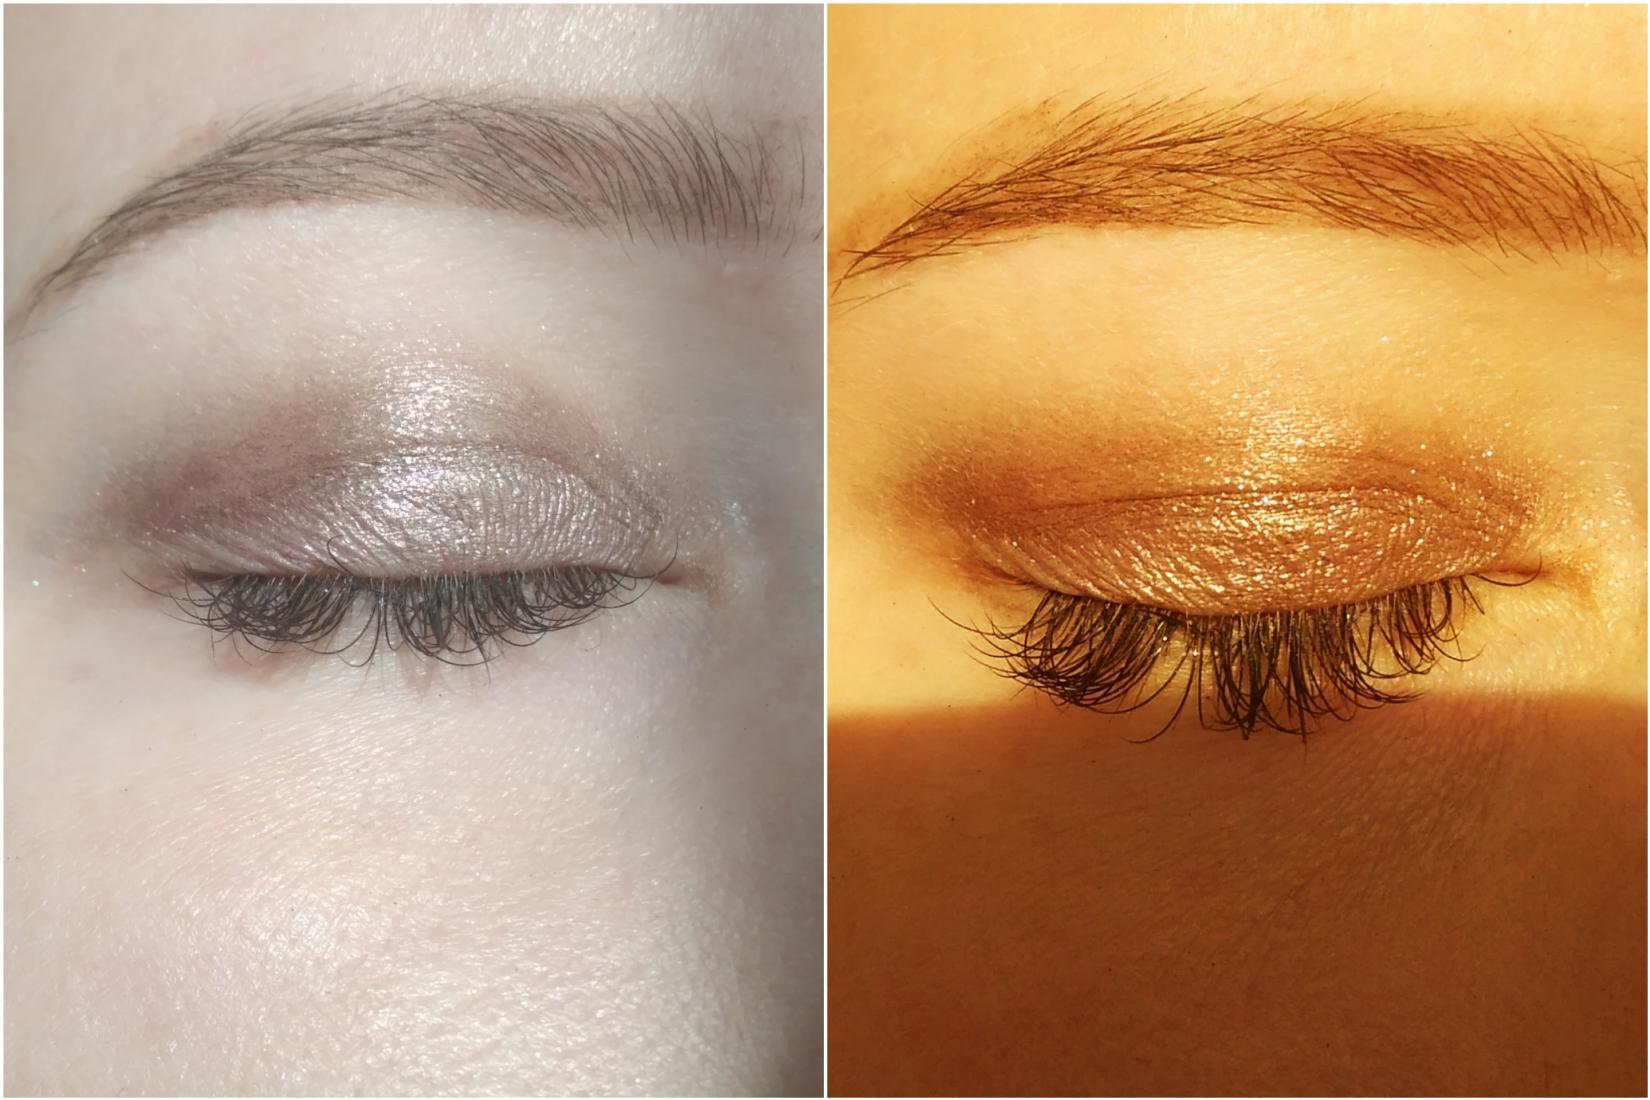 Жидкие тени Golden Rose Metals, оттенок 105 Mink - макияж, свотч на глазах